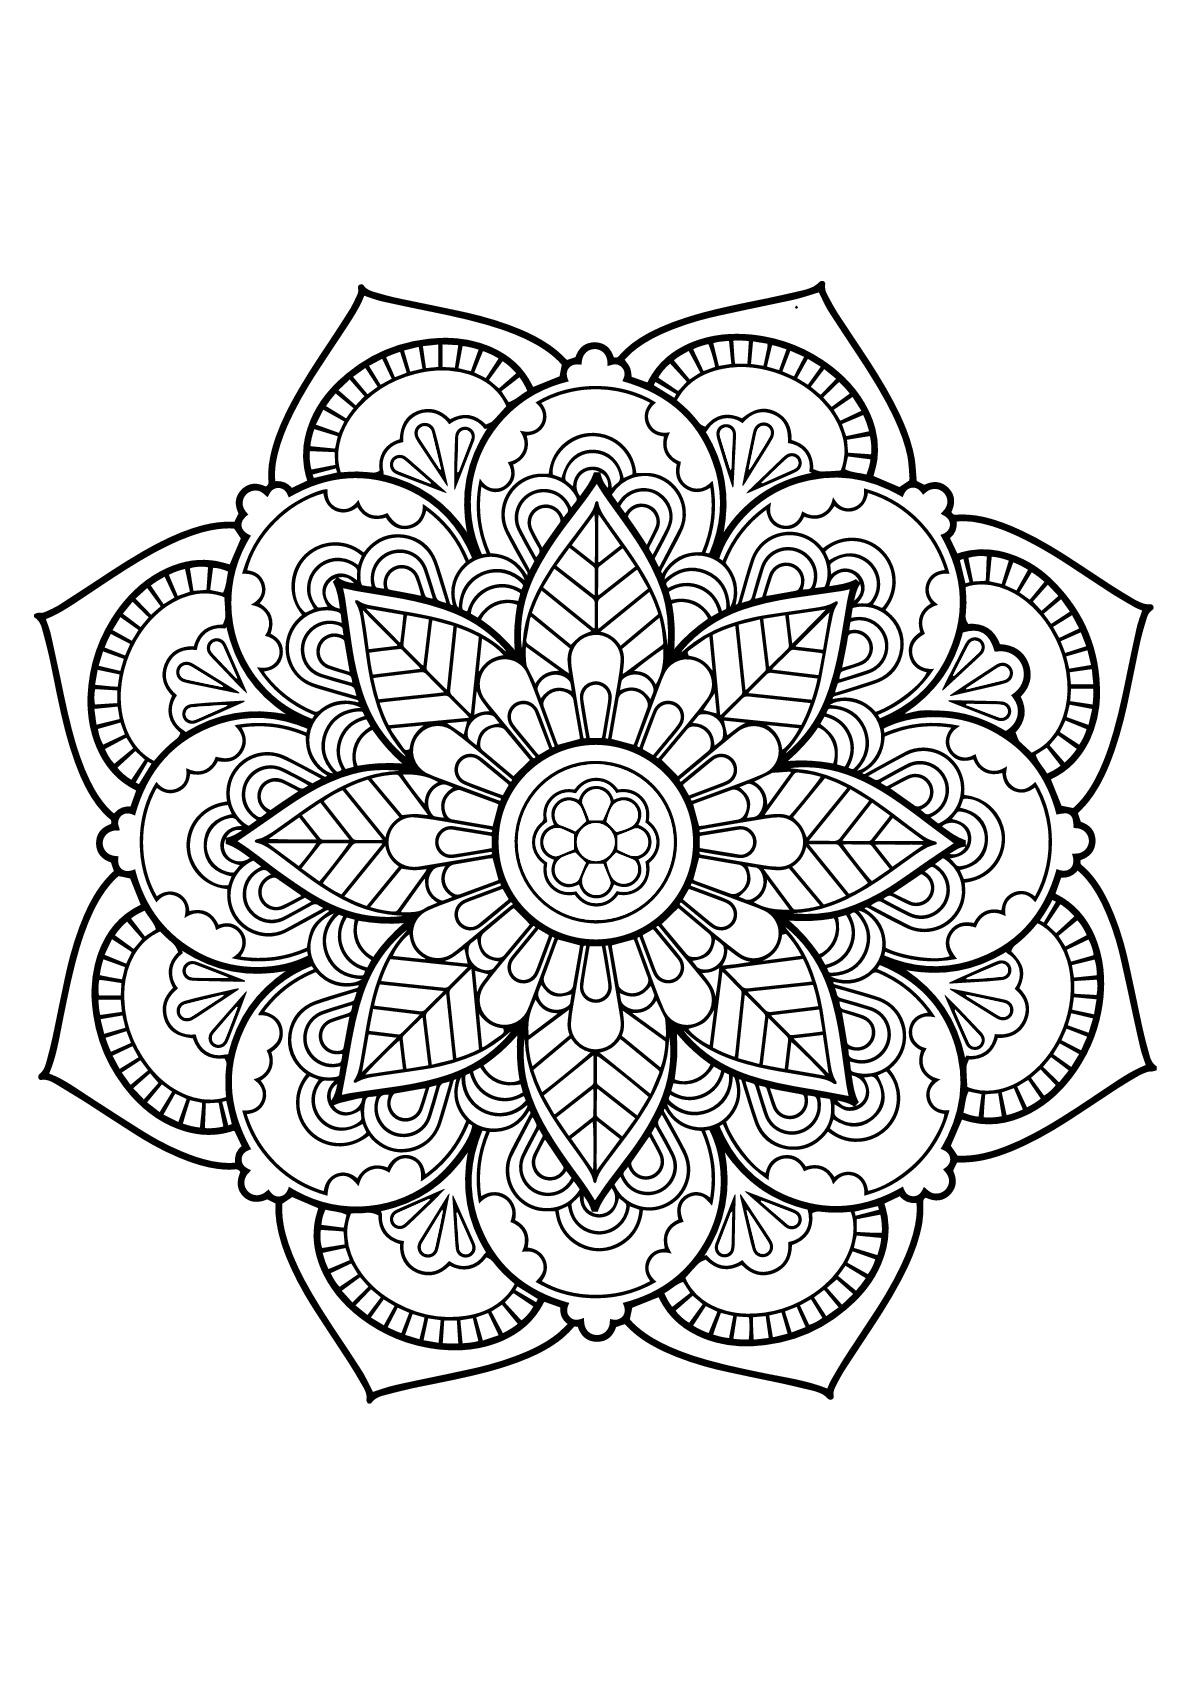 Mandala Livre Gratuit 22 Mandalas Coloriages Difficiles Pour Adultes